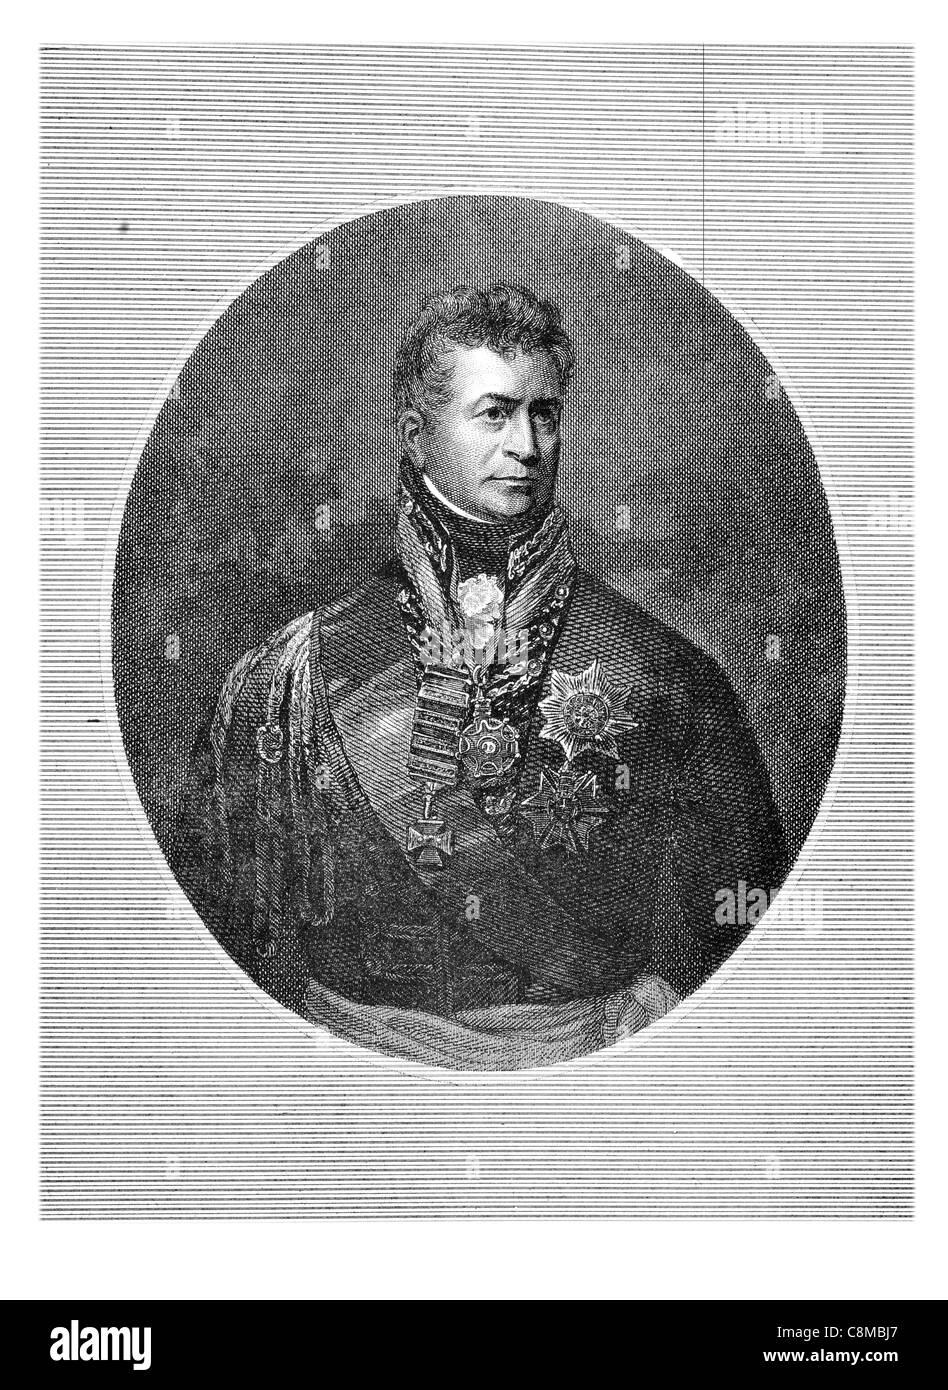 Lieutenant General Sir Thomas Picton 1758 1815 Welsh British Army officer Iberian Peninsular War Battle of Waterloo - Stock Image